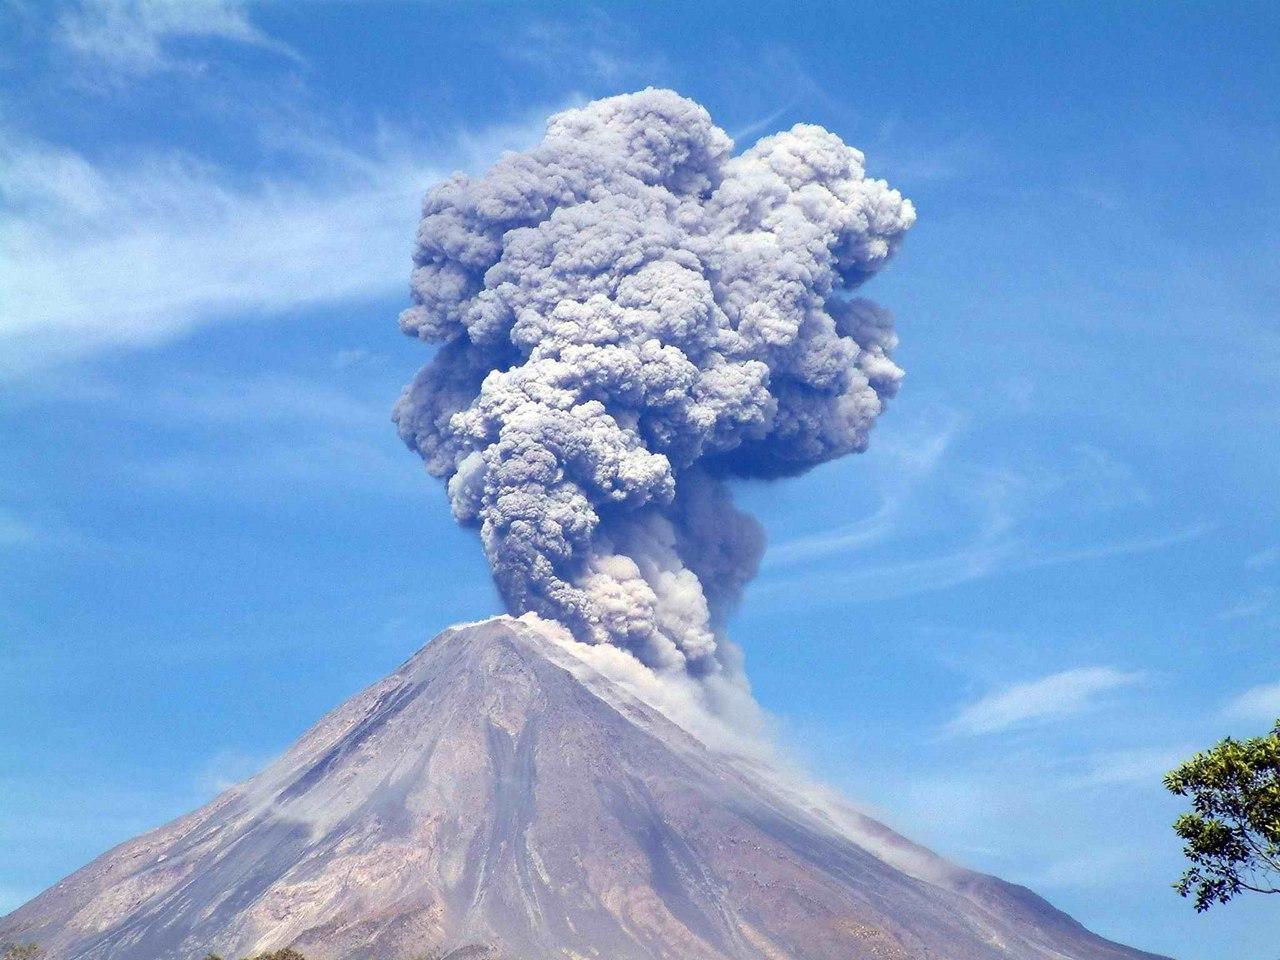 eruzione vulcanica, eruzione vulcanica gennaio 2017, il video eruzione vulcanica, eruzione vulcanica gennaio 2017 il video